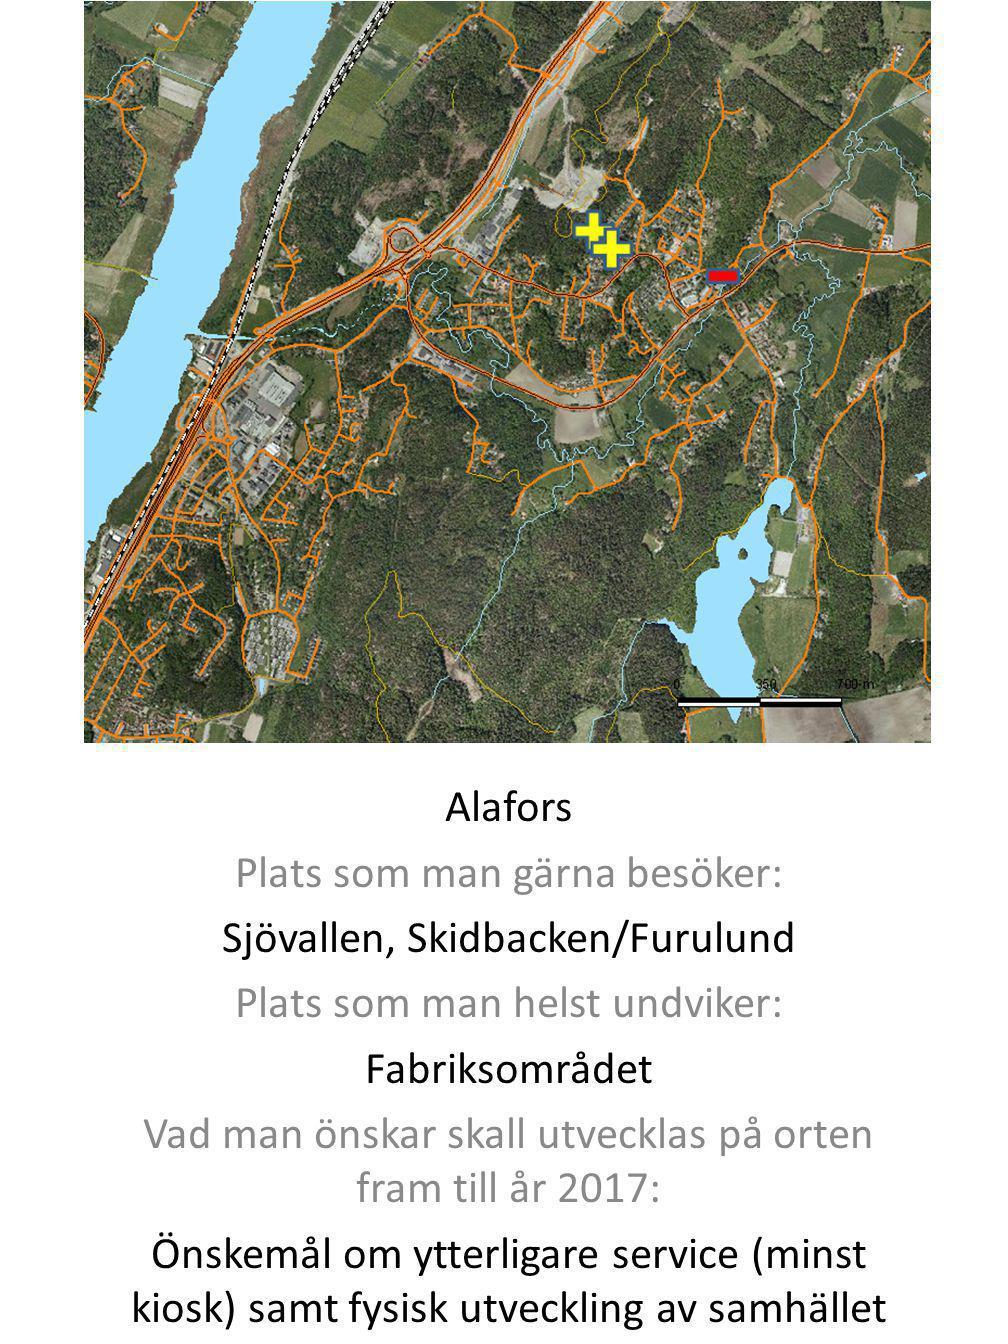 Alafors Plats som man gärna besöker: Sjövallen, Skidbacken/Furulund Plats som man helst undviker: Fabriksområdet Vad man önskar skall utvecklas på ort